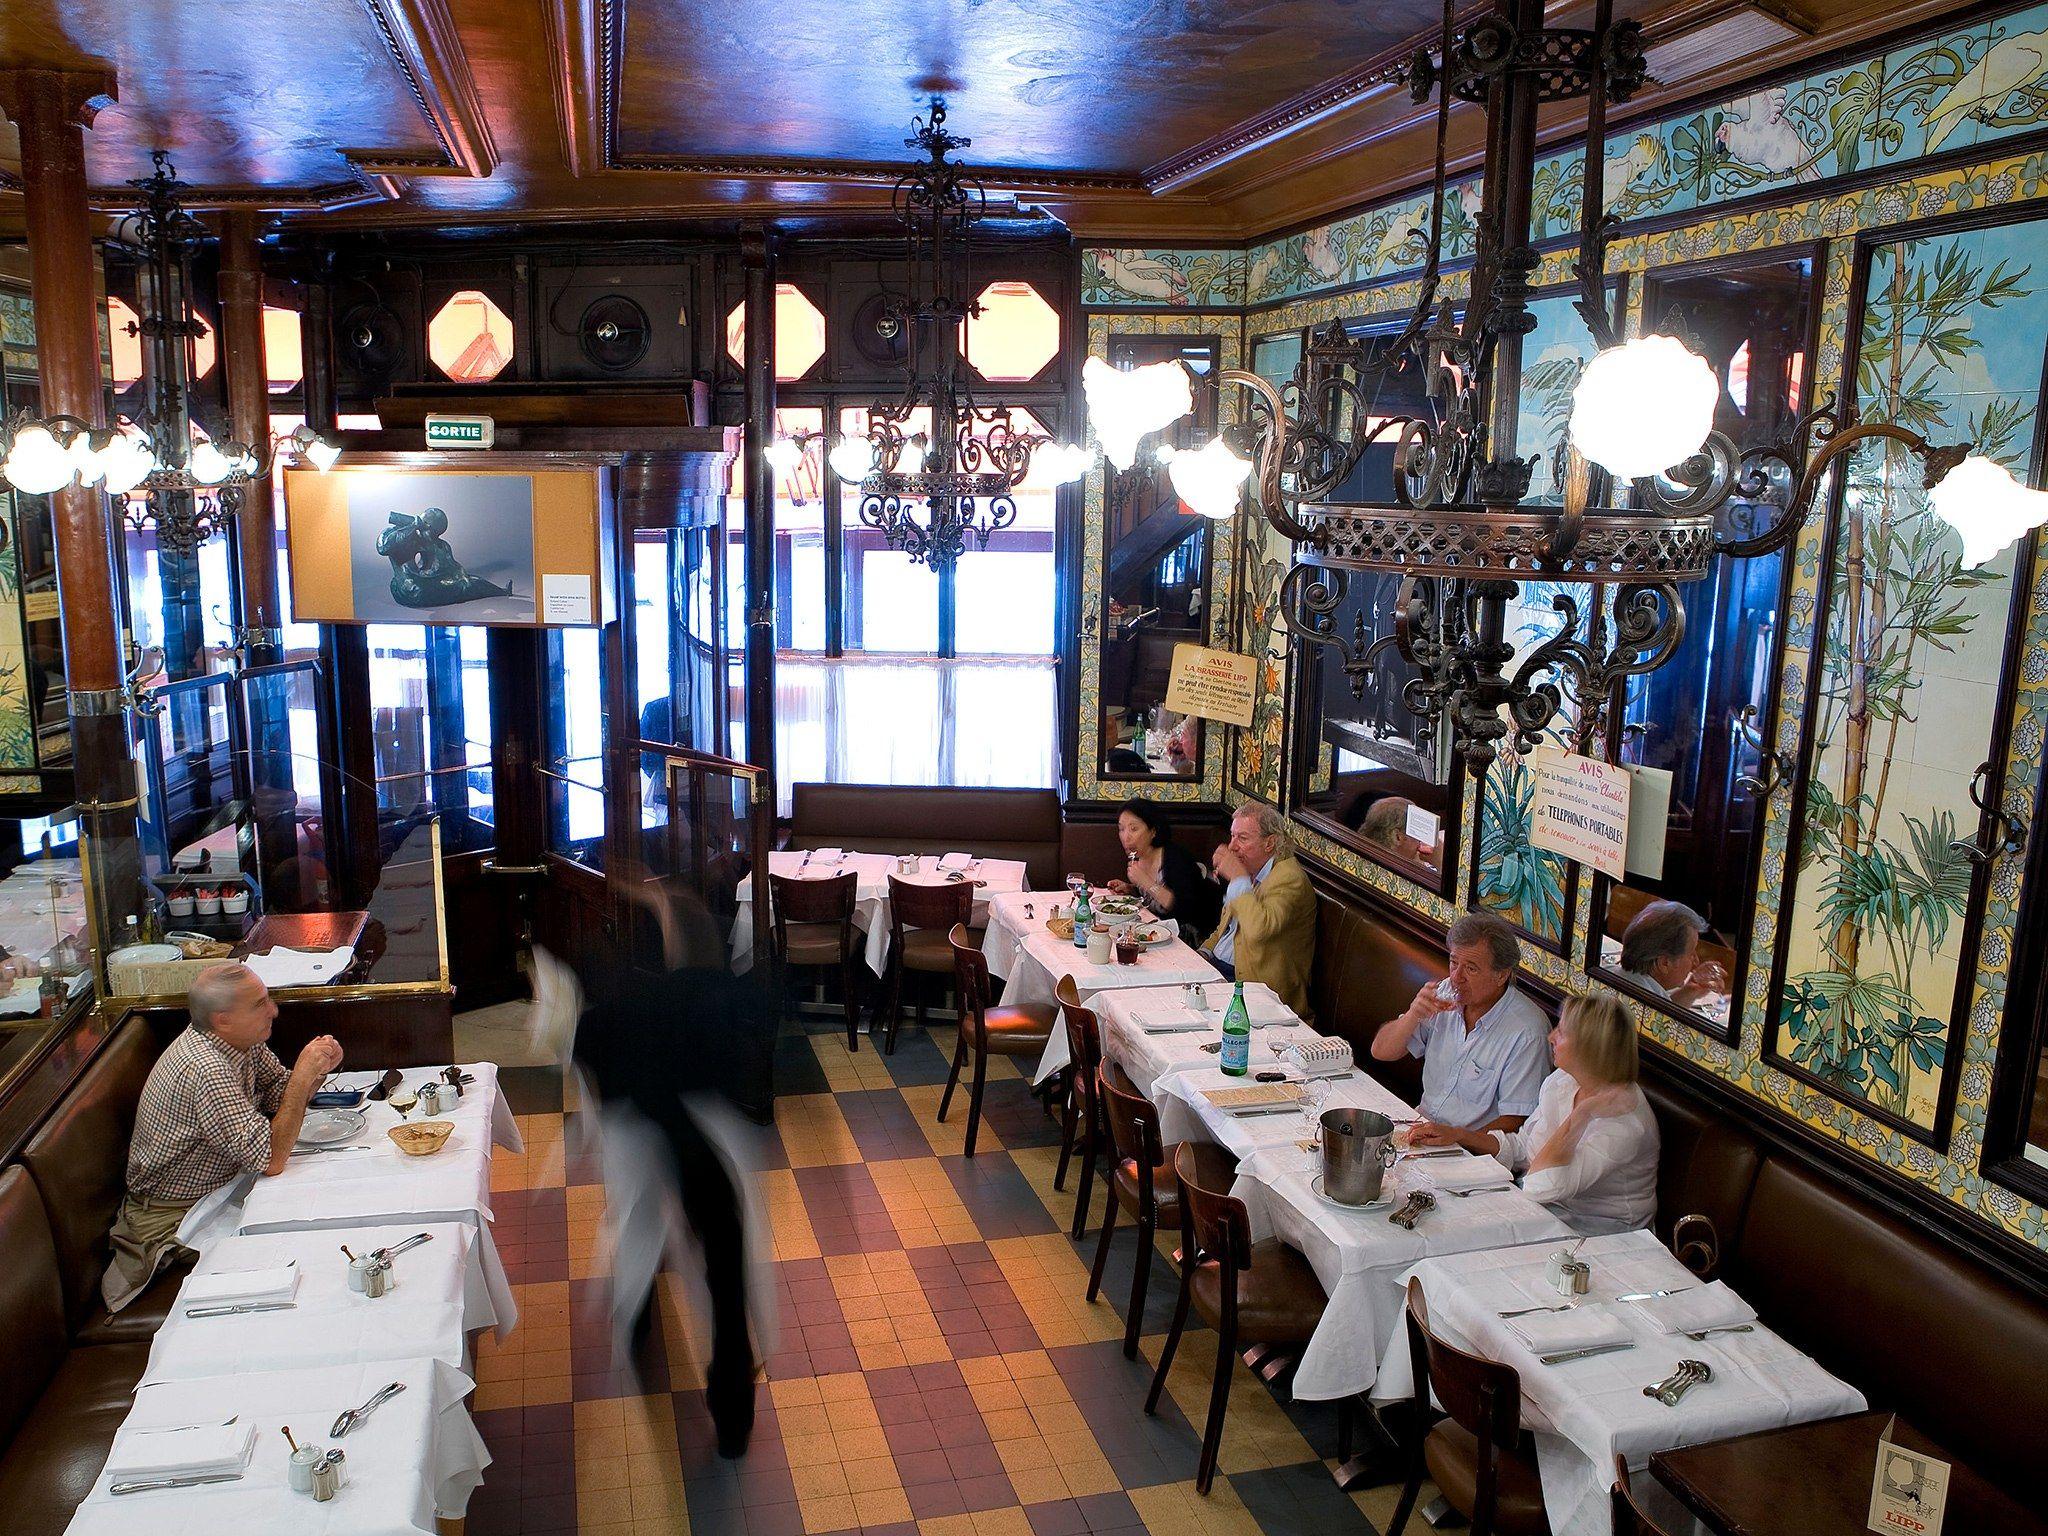 Brasserie Lipp Paris France Restaurant Review Brasserie Lipp